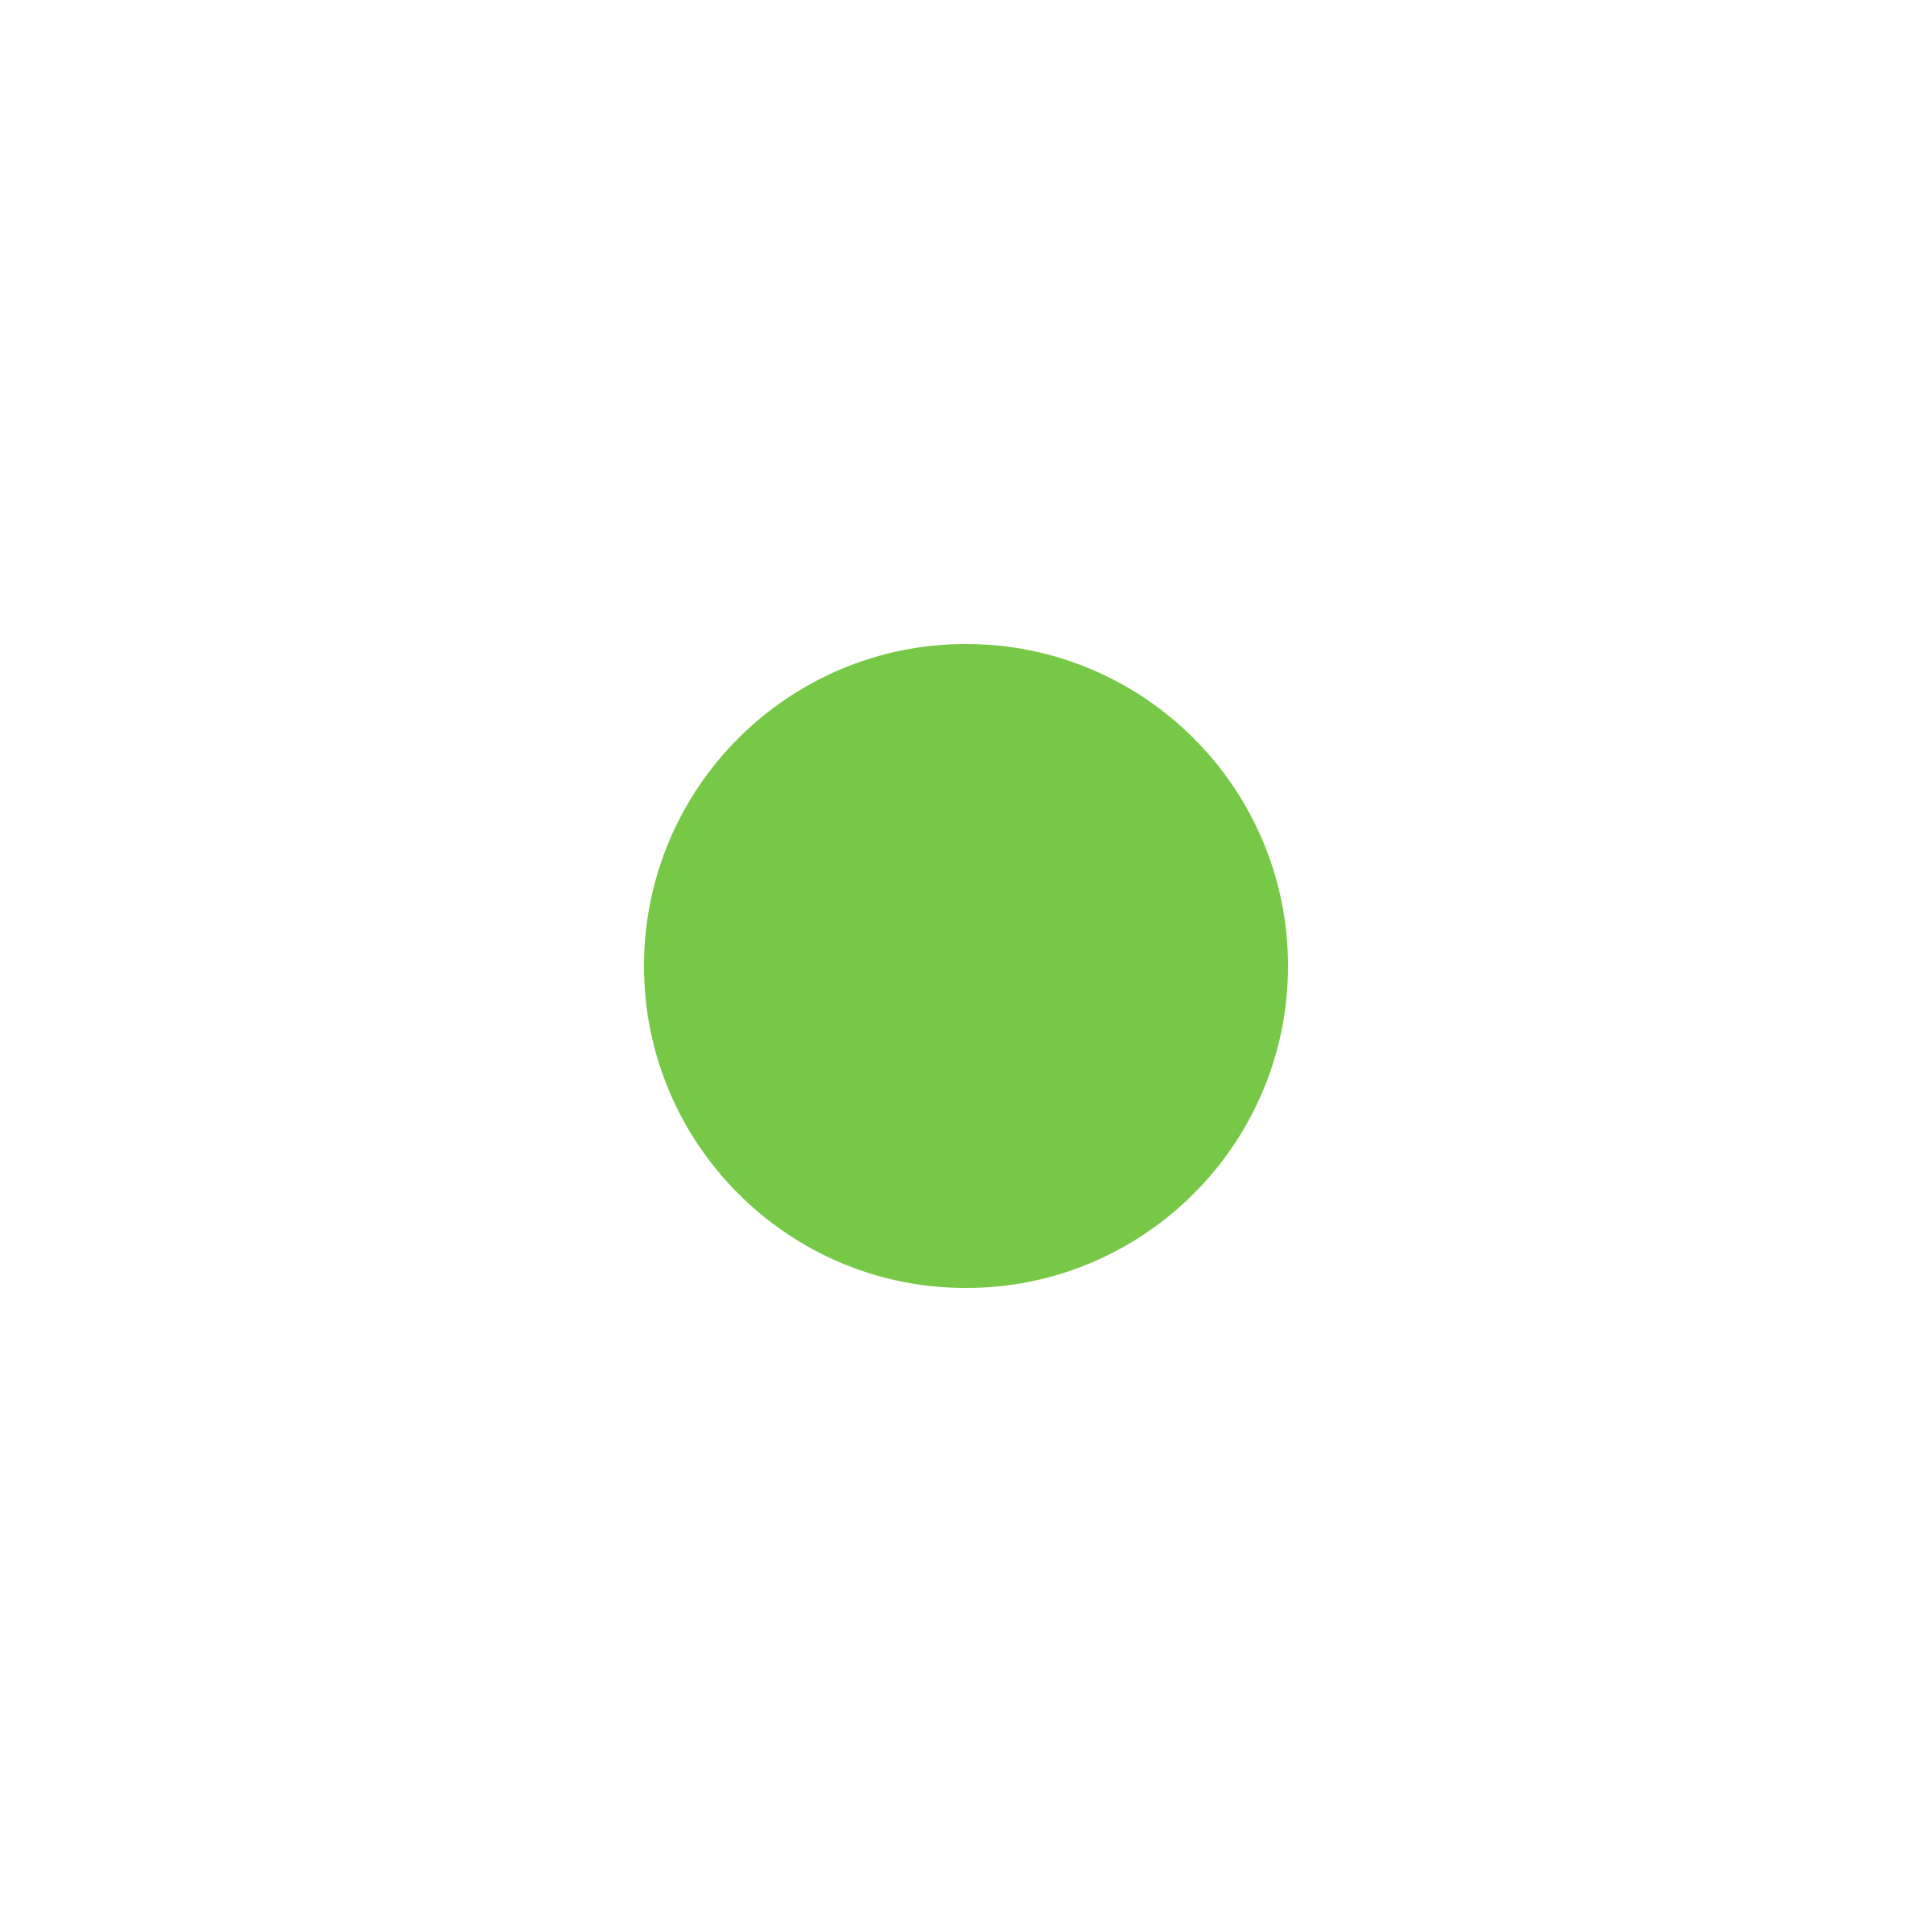 نشانگر سبز ثابت